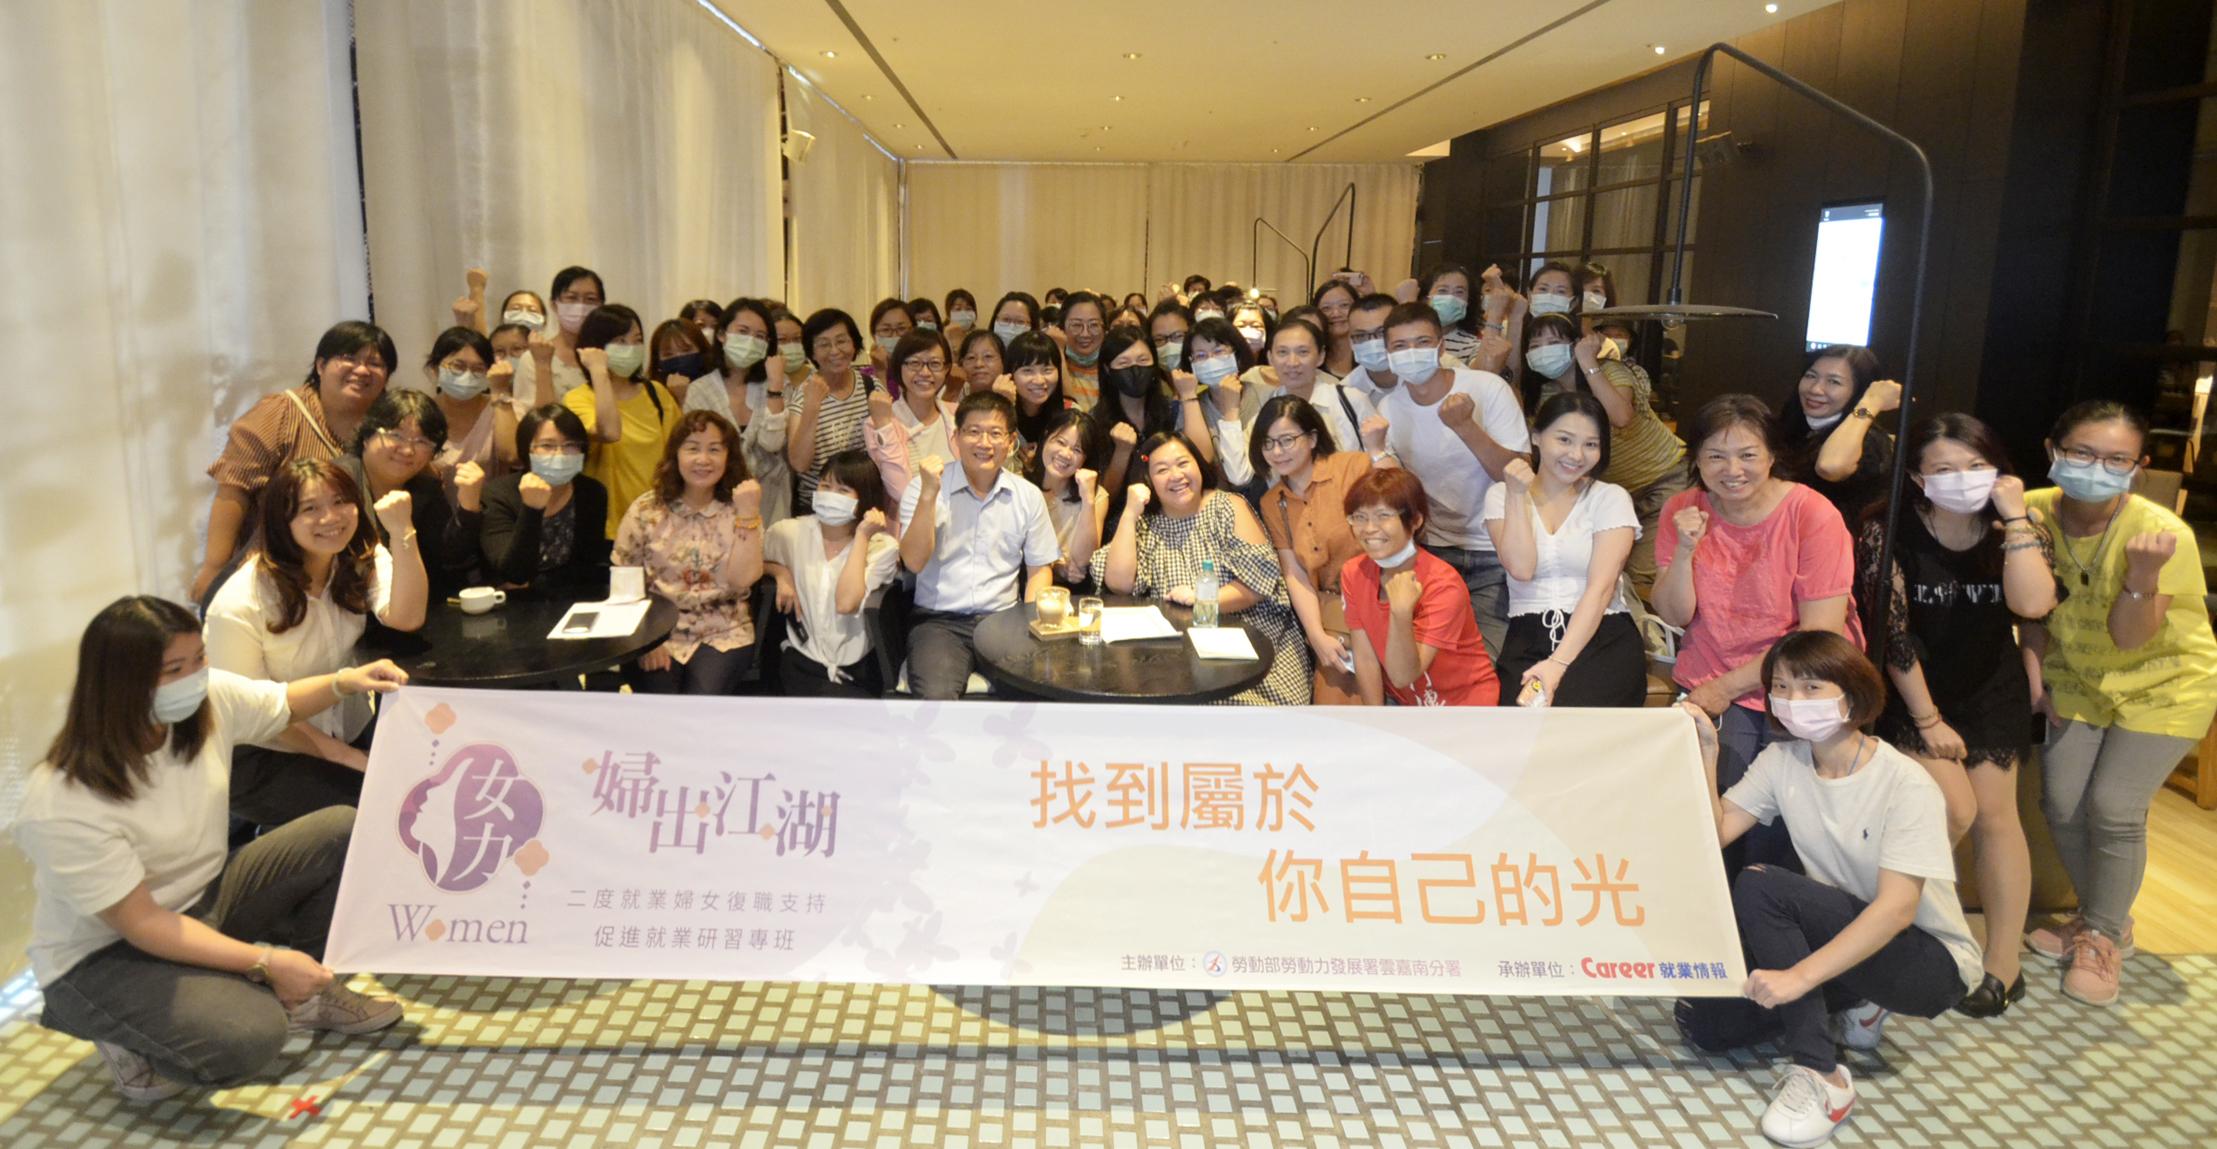 ▲雲嘉南分署將於3月3日(三)下午1點30分在台南老爺行旅舉辦「解鎖飯店房務工作大小識」講座,歡迎報名參加。